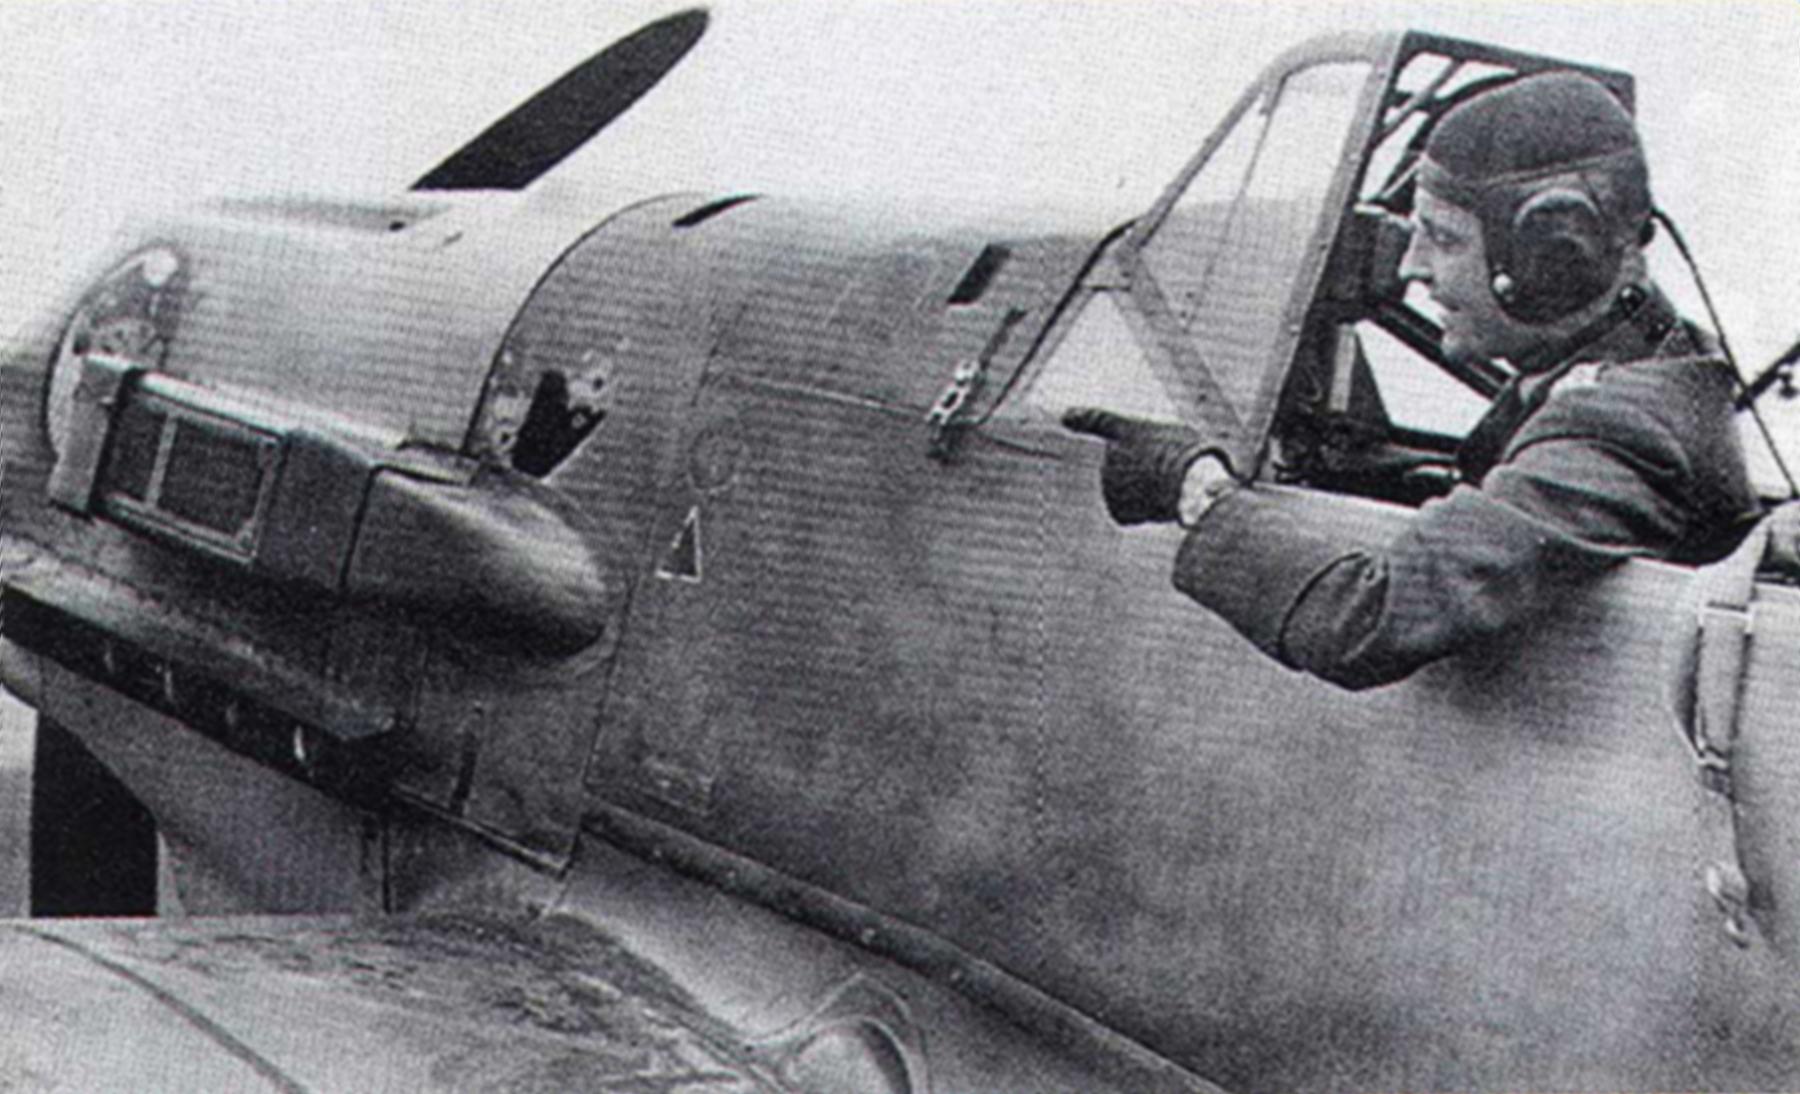 Aircrew Luftwaffe legend JG27 Hans Joachim Marseille 04